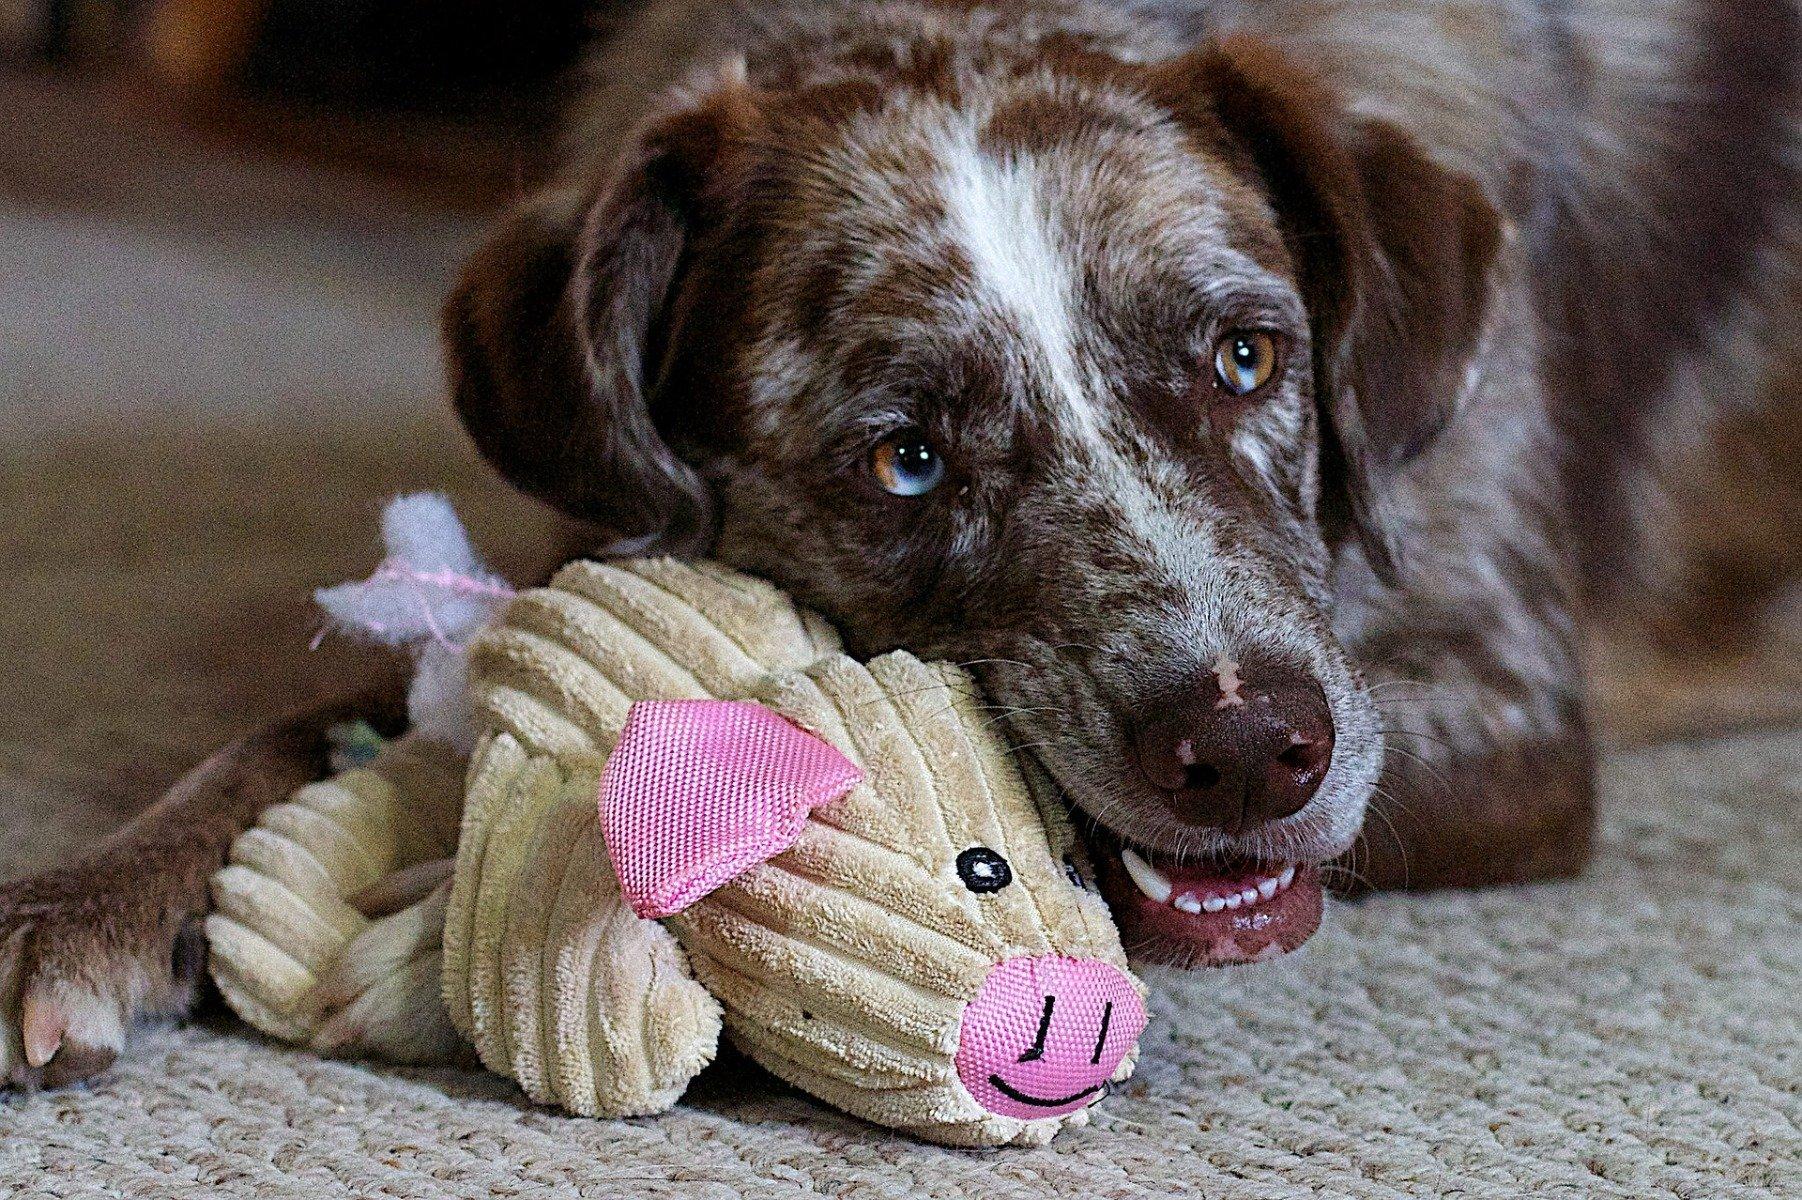 Hund kauend auf Spielzeug-Schwein